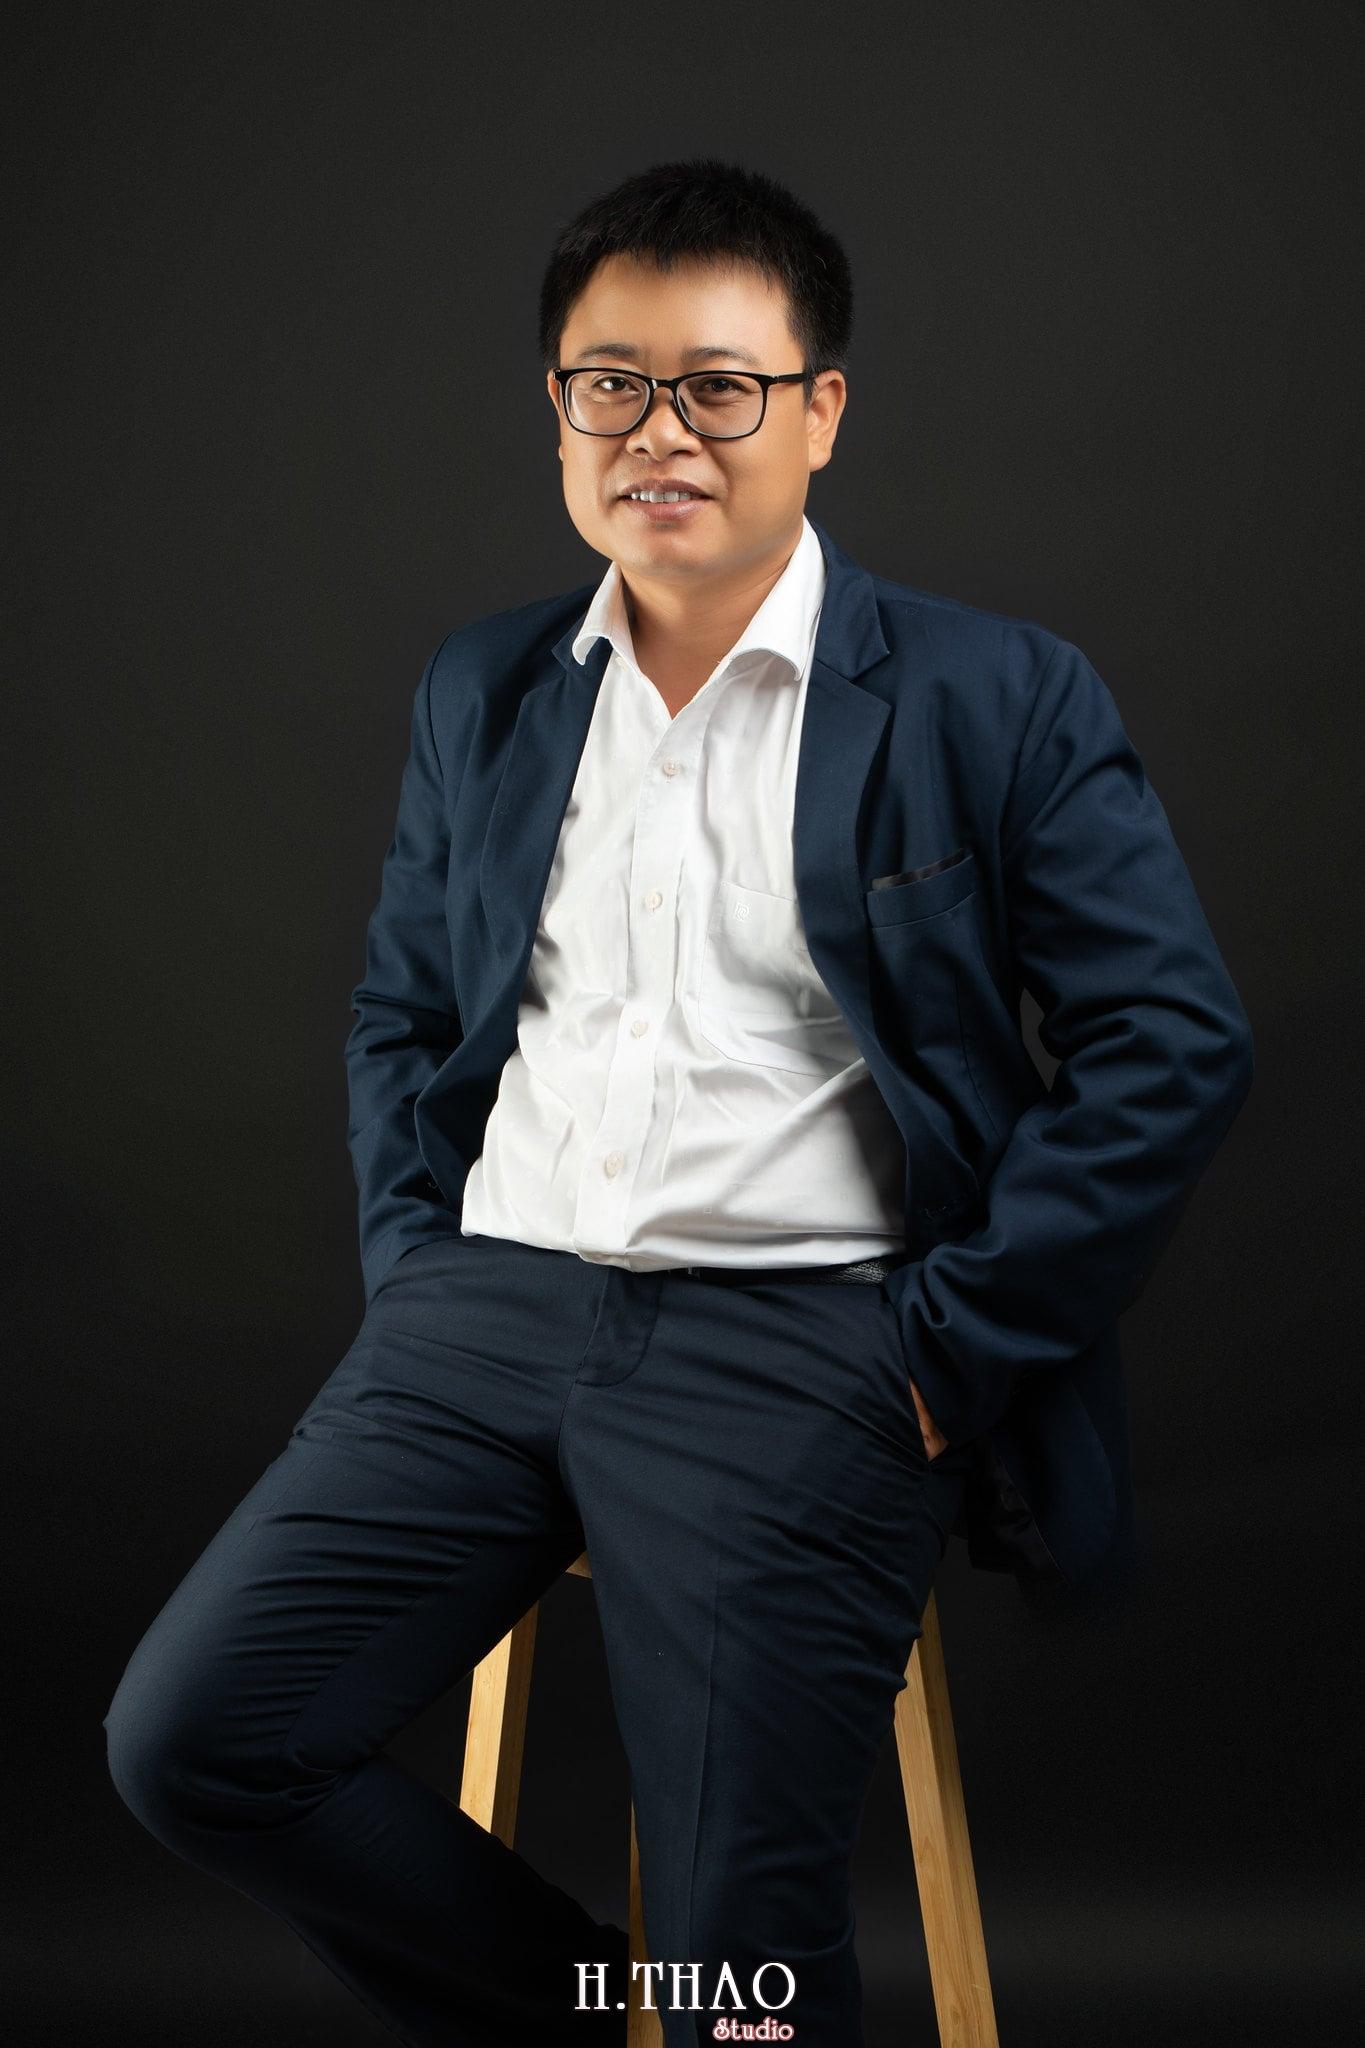 Anh Hoang 13 min - Album ảnh giám đốc Hoàng VIB lịch lãm - HThao Studio